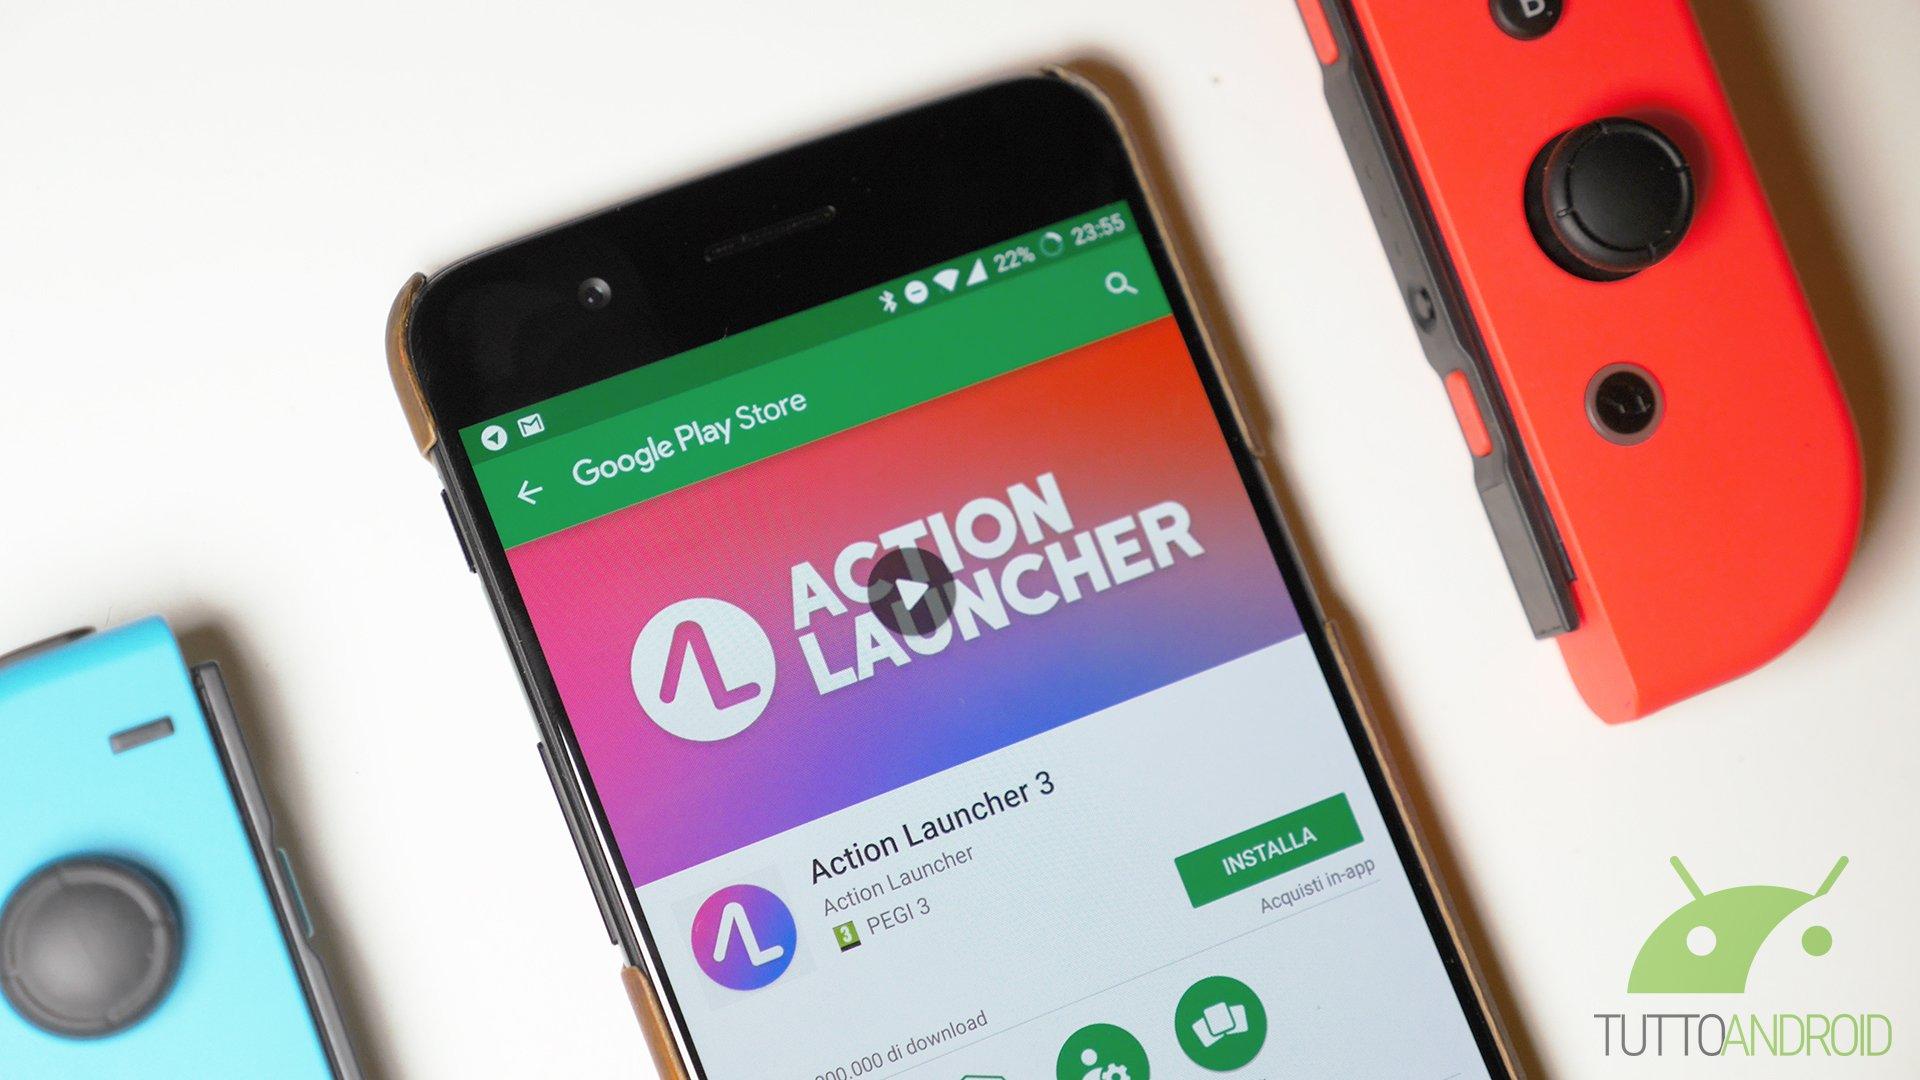 L'ultima build della beta di Action Launcher aggiunge alcune